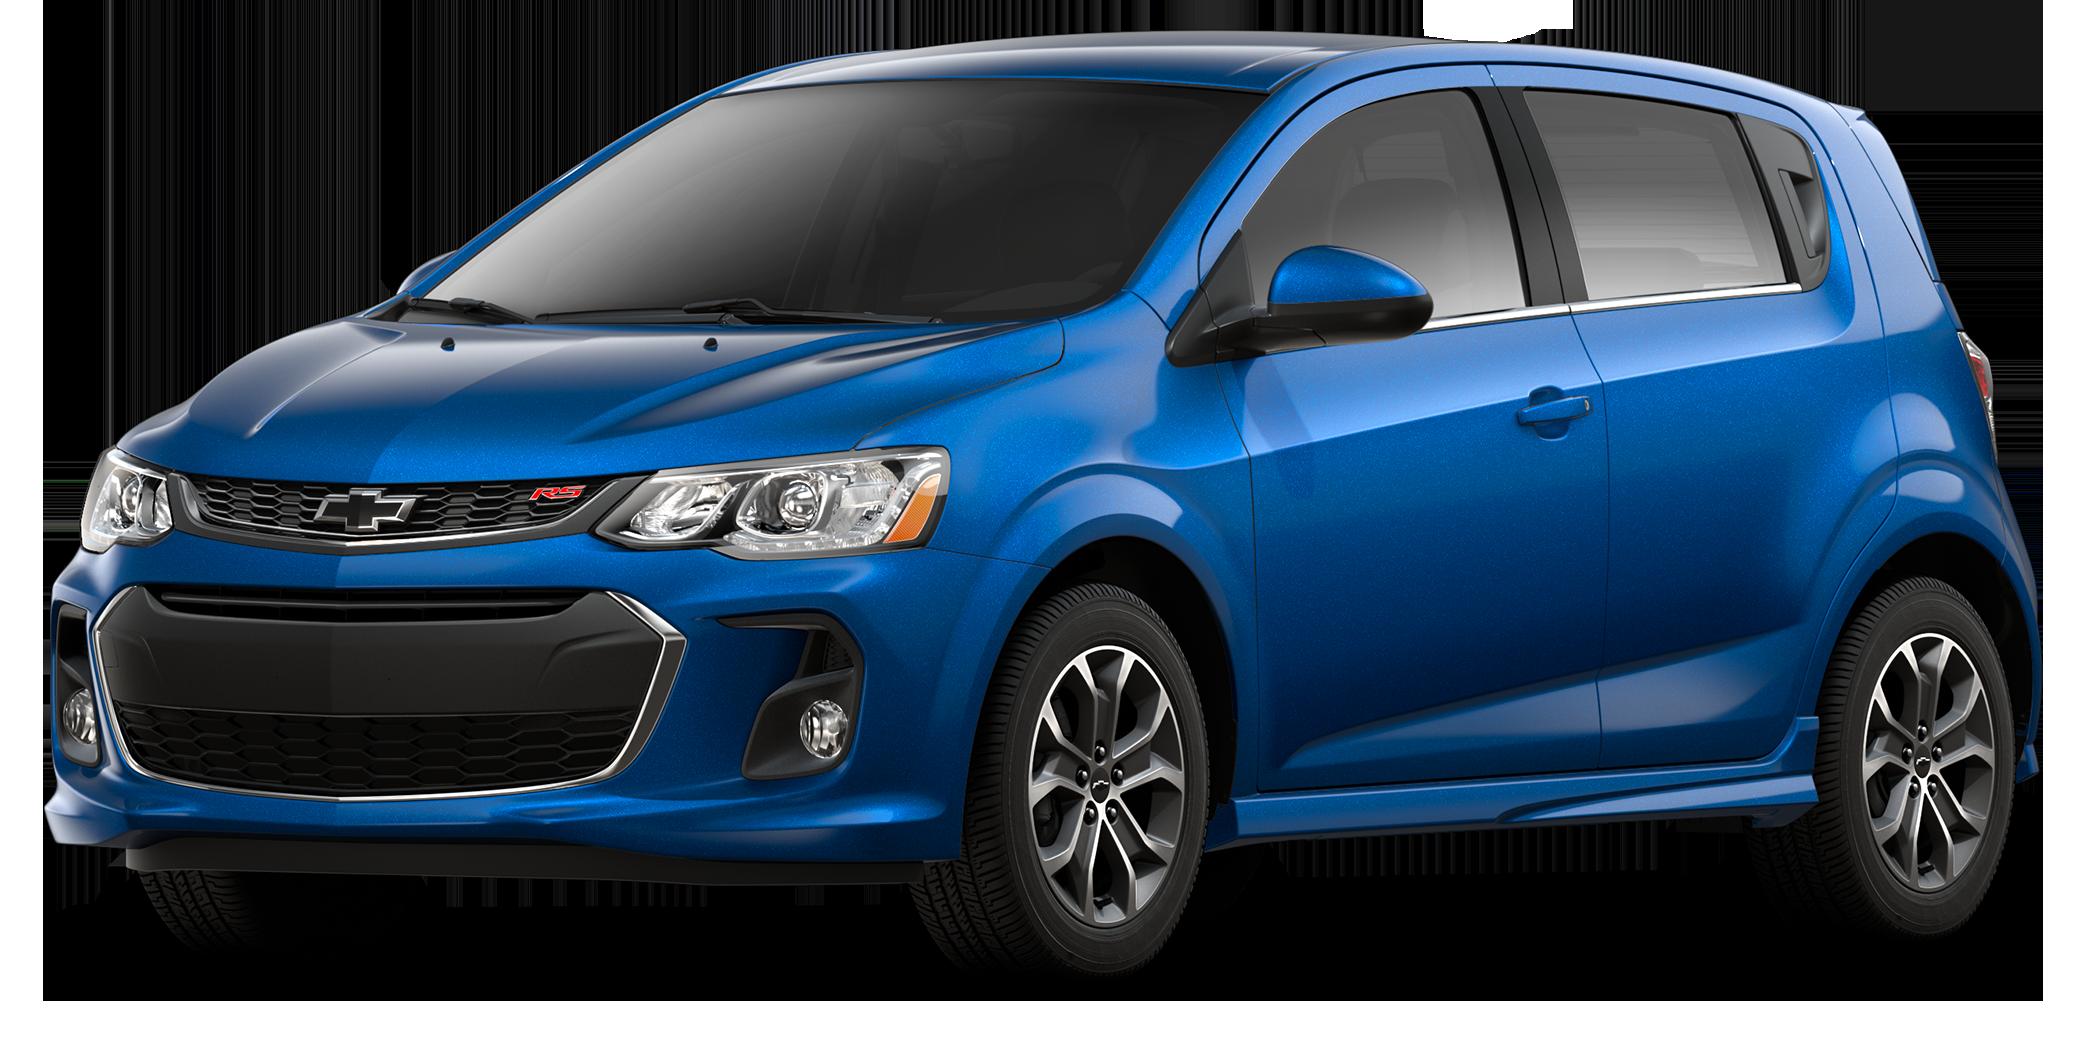 2014 Chevrolet Sonic Sedan